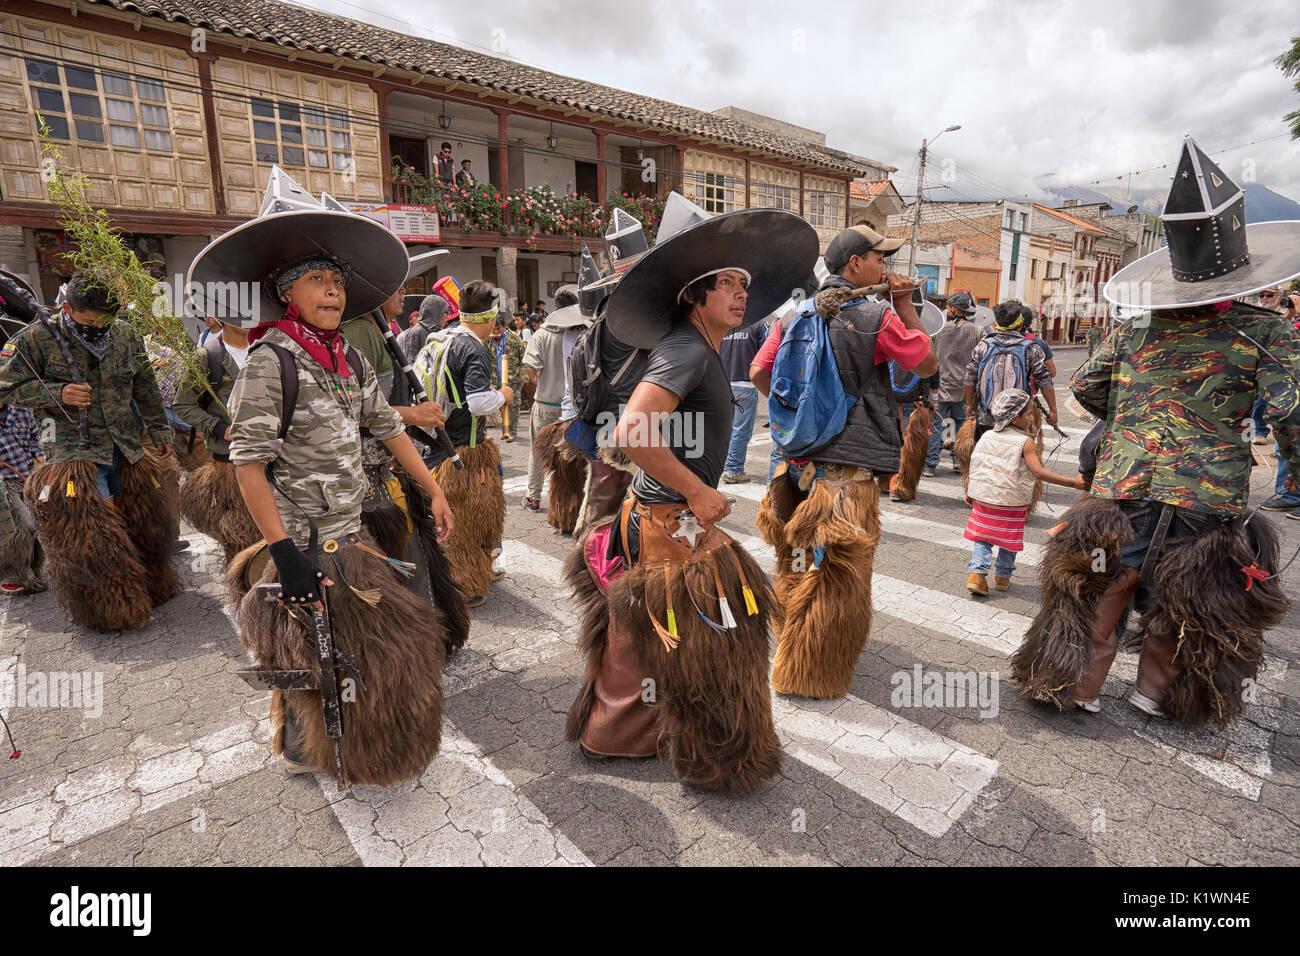 June 24, 2017 Cotacachi, Ecuador: a group of indigenous kichwa men dancing at the Inti Raymi parade at summer solstice - Stock Image